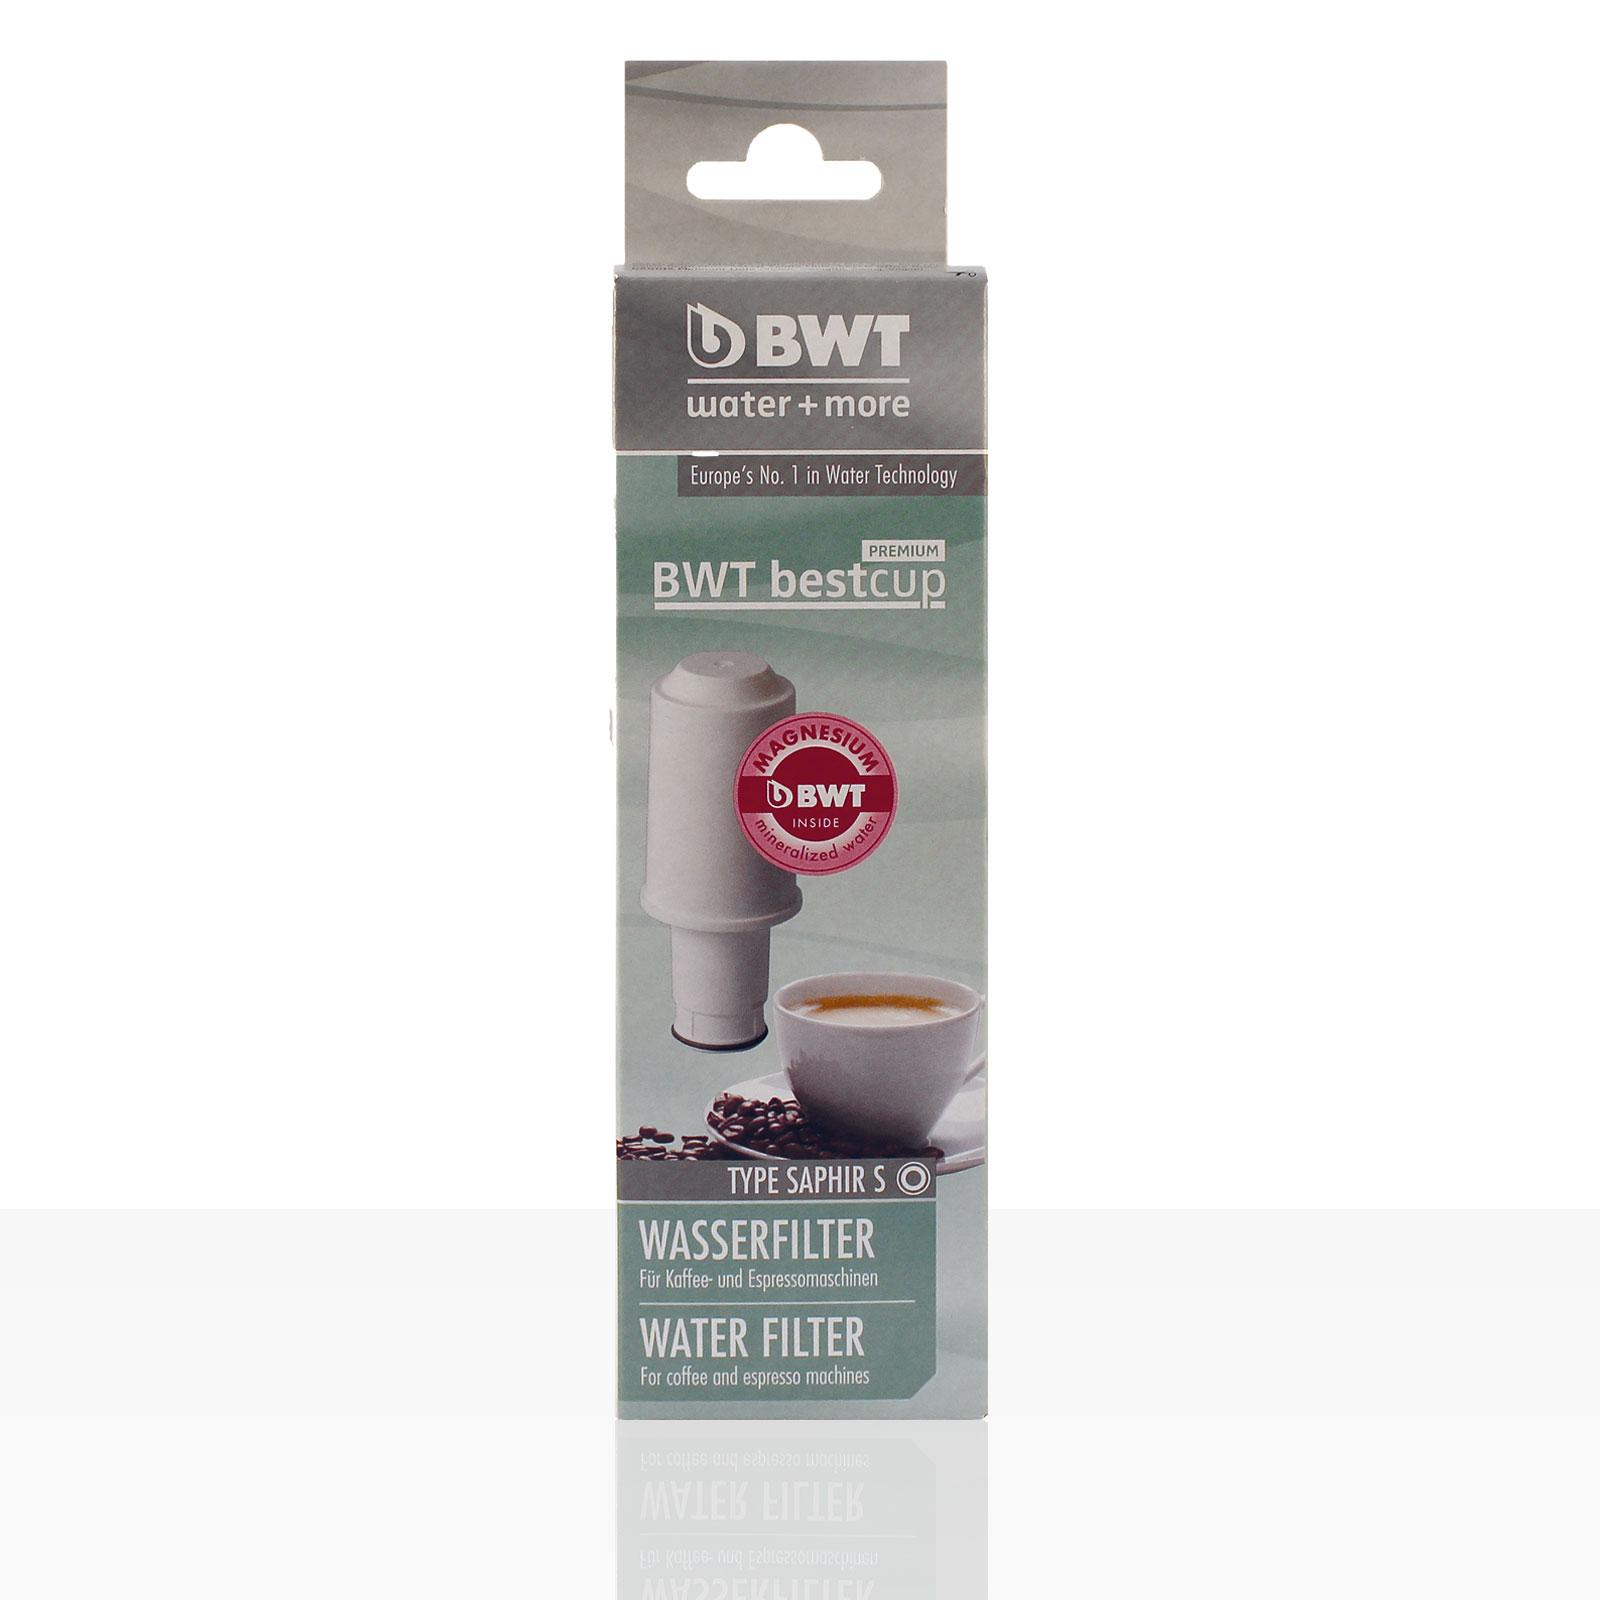 BWT bestcup Premium SAPHIR S Wasser-Filter für den Wassertank - B-Ware